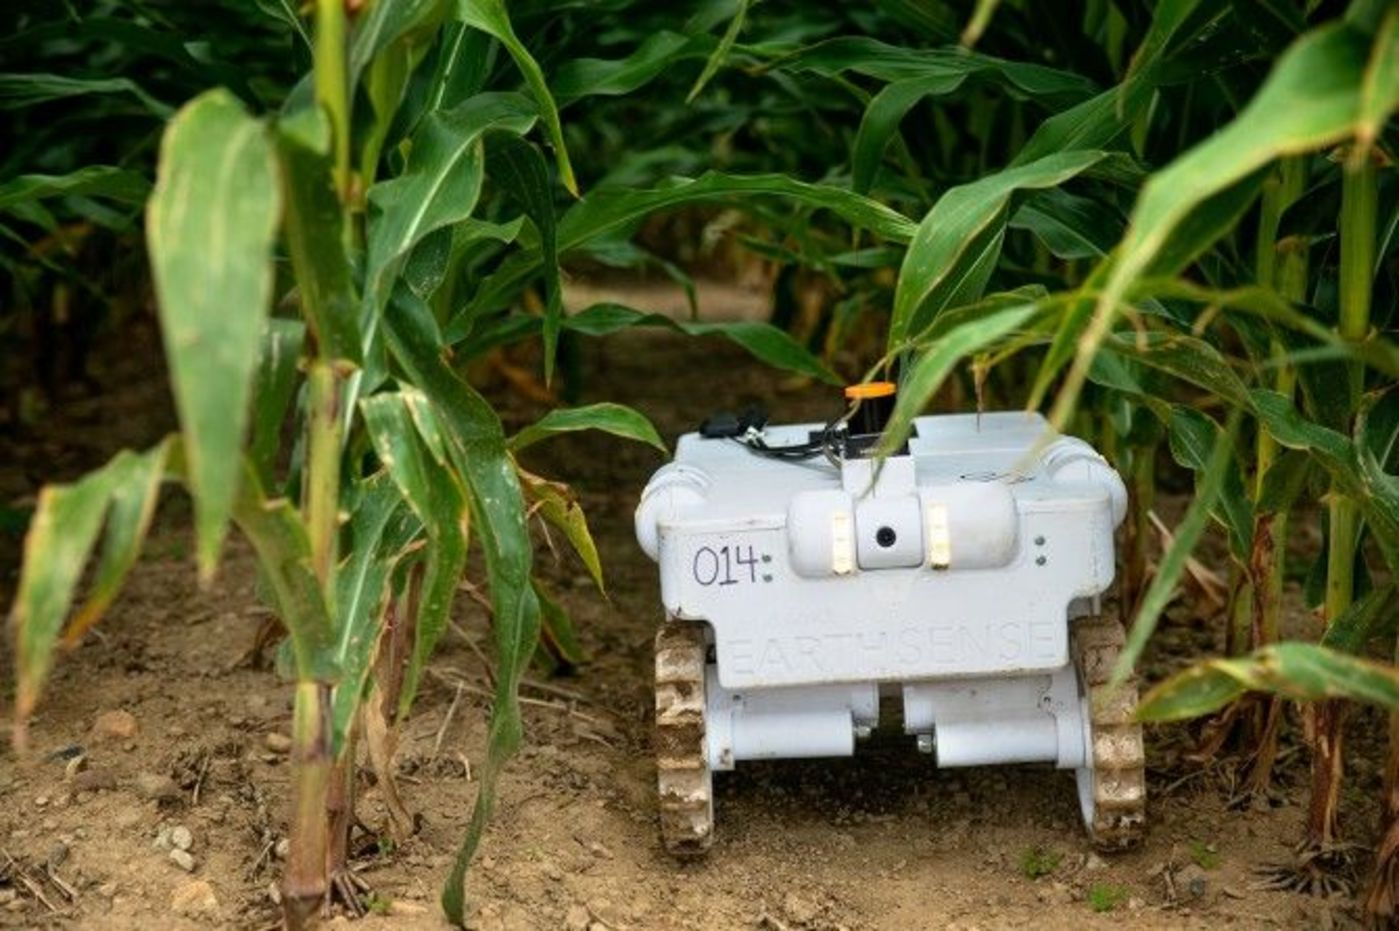 TerraSentia机器人正在接受培训,在农田间移动并对单个玉米植物进行远程诊断